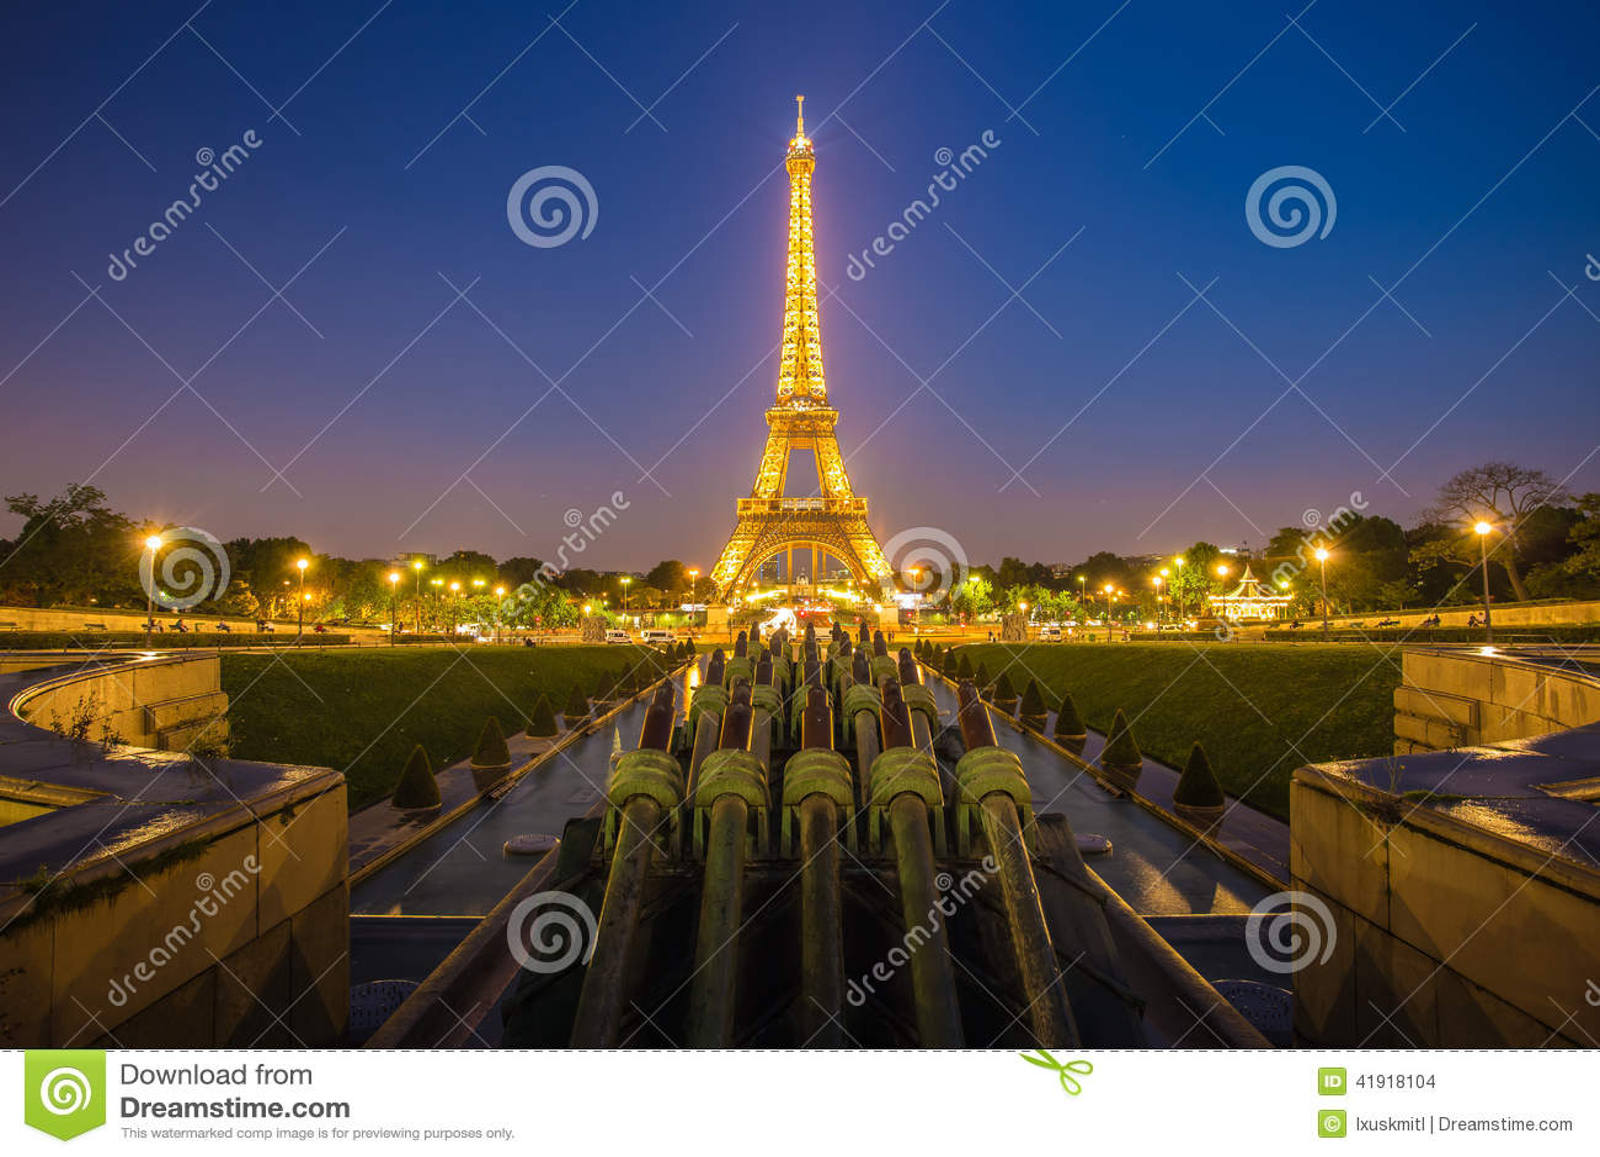 PARÍS - 13 DE MAYO: Demostración ligera del funcionamiento de la torre Eiffel en oscuridad con